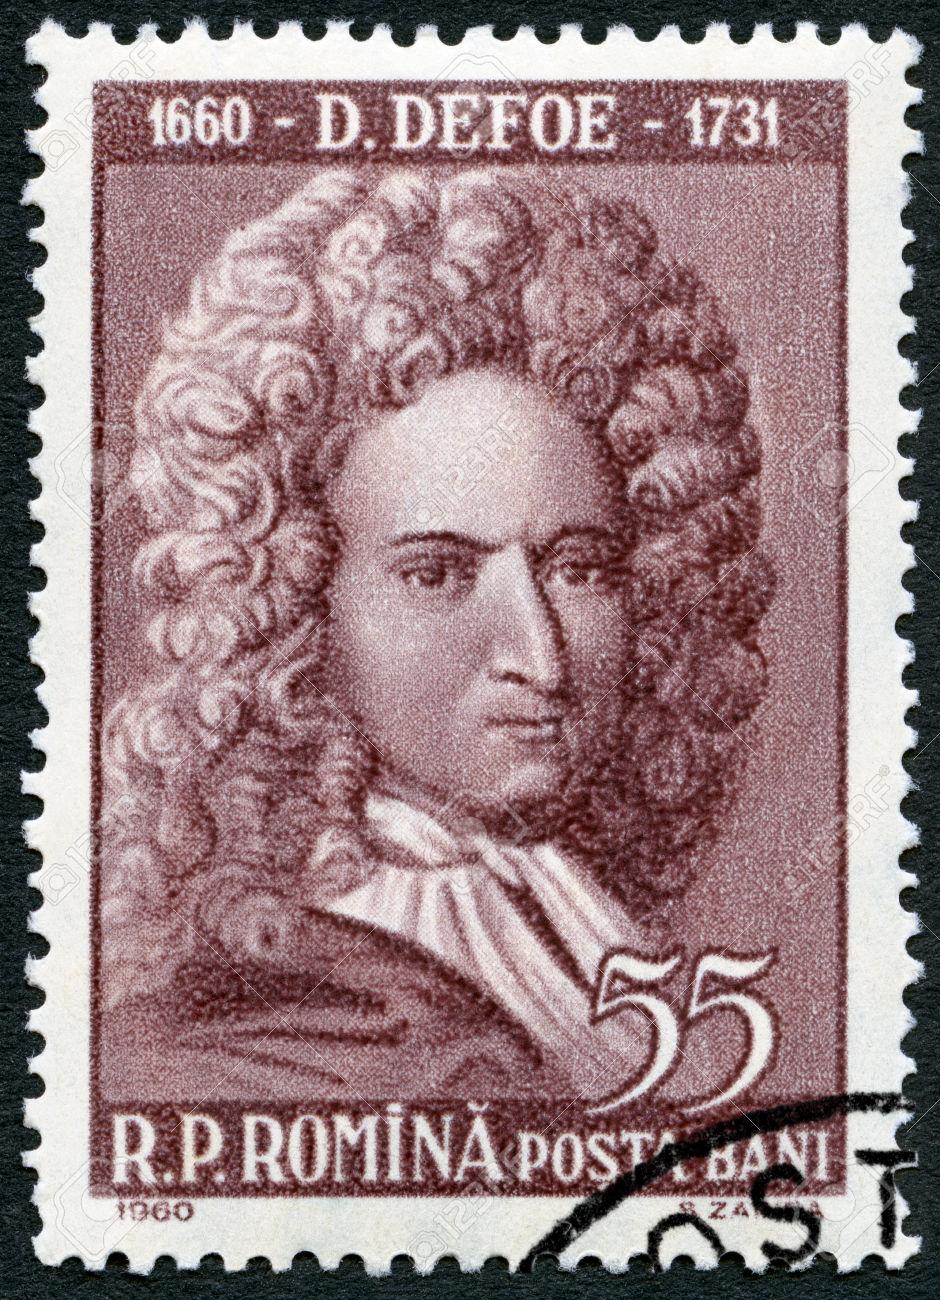 ROMANIA - CIRCA 1960: A stamp printed in Romania shows Daniel Defoe (1660-1731), circa 1960